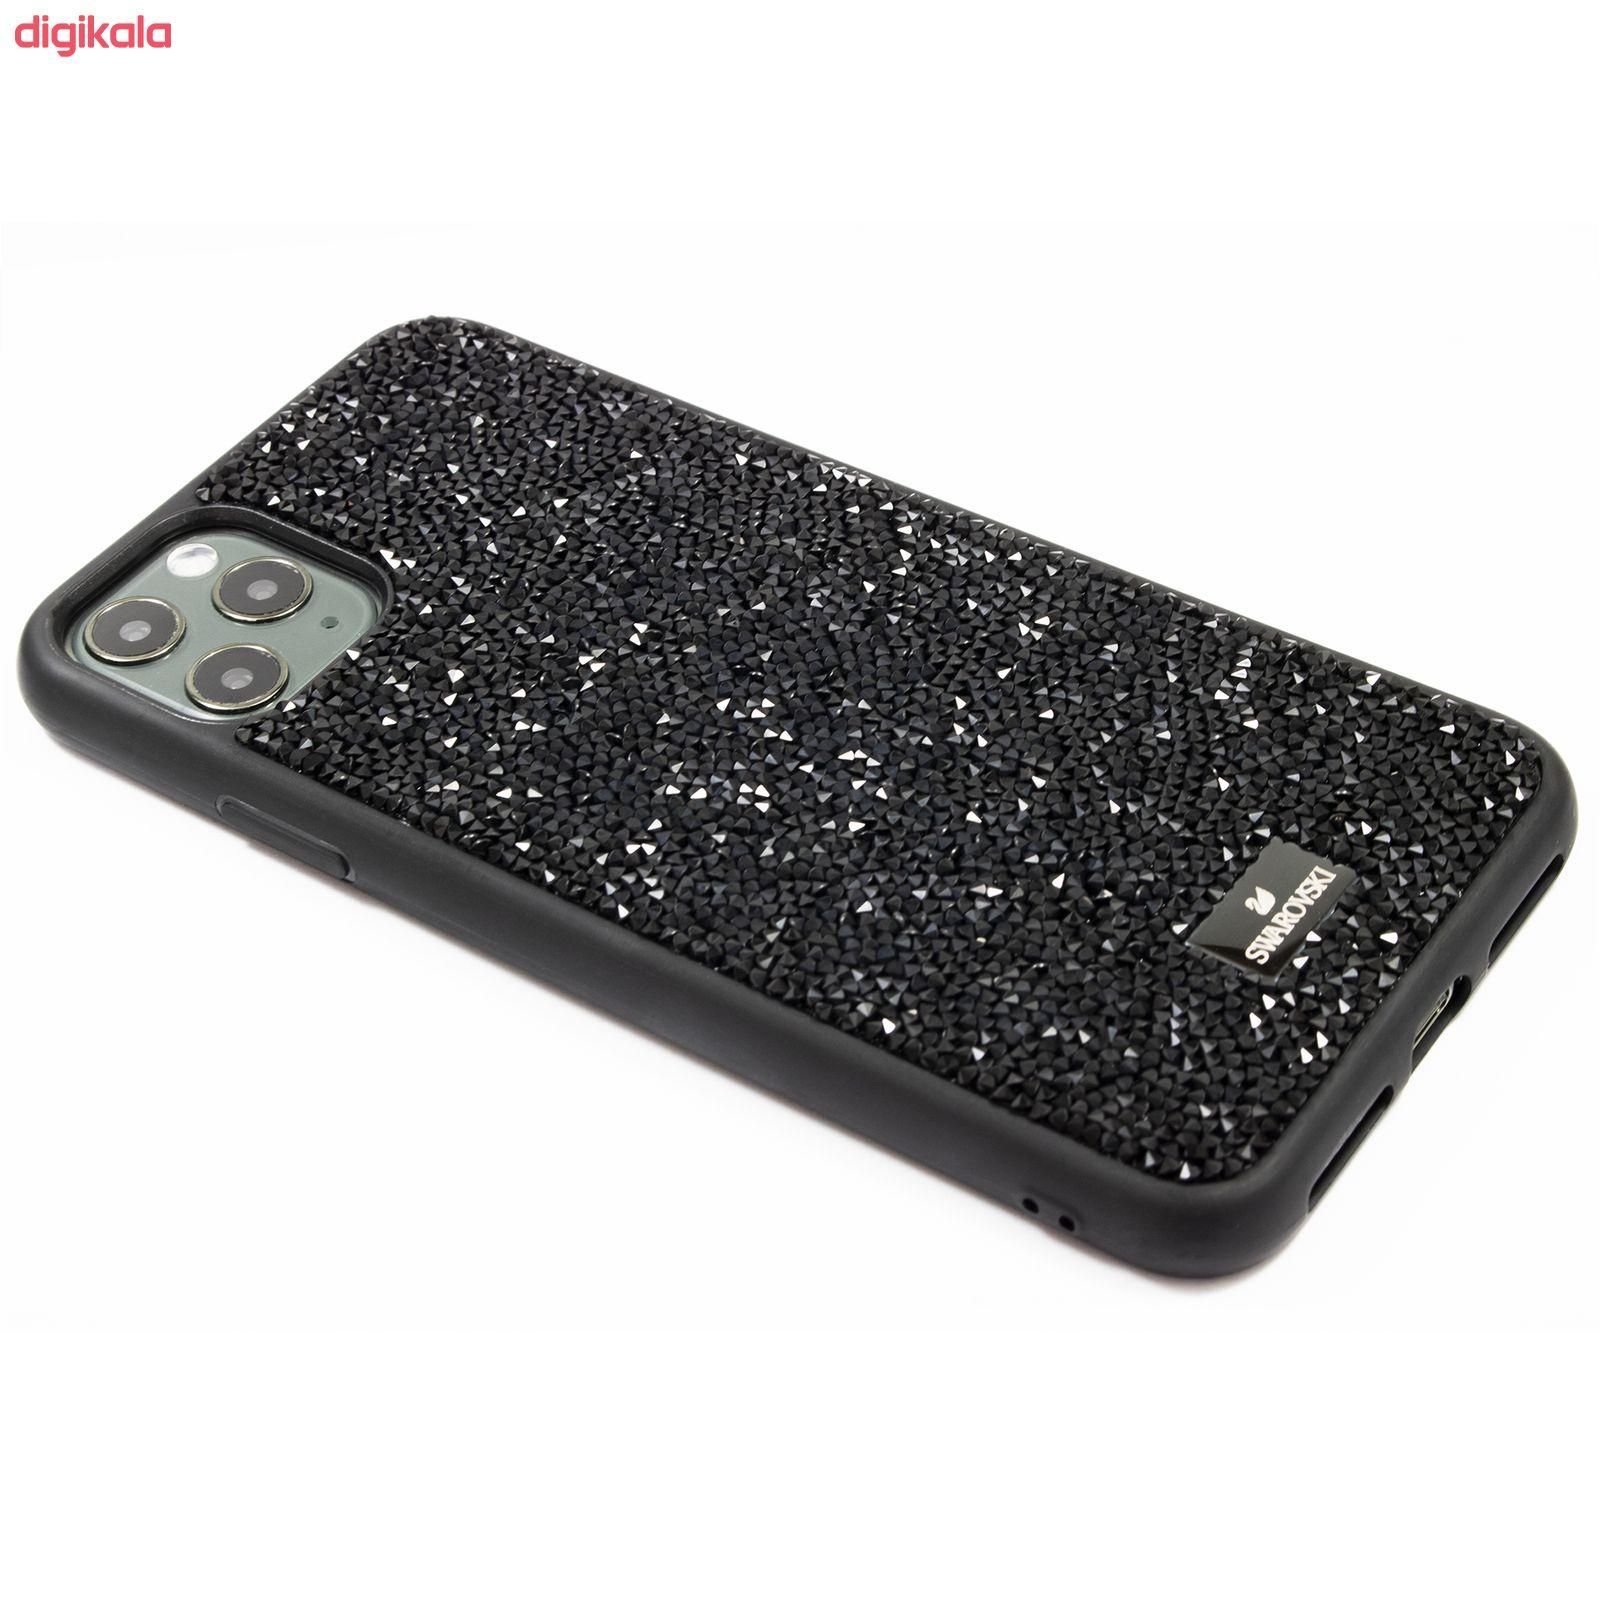 کاور مدل Swa-AB مناسب برای گوشی موبایل اپل IPhone 11 به همراه کیس ایرپاد پرو و بند اپل واچ 38/40